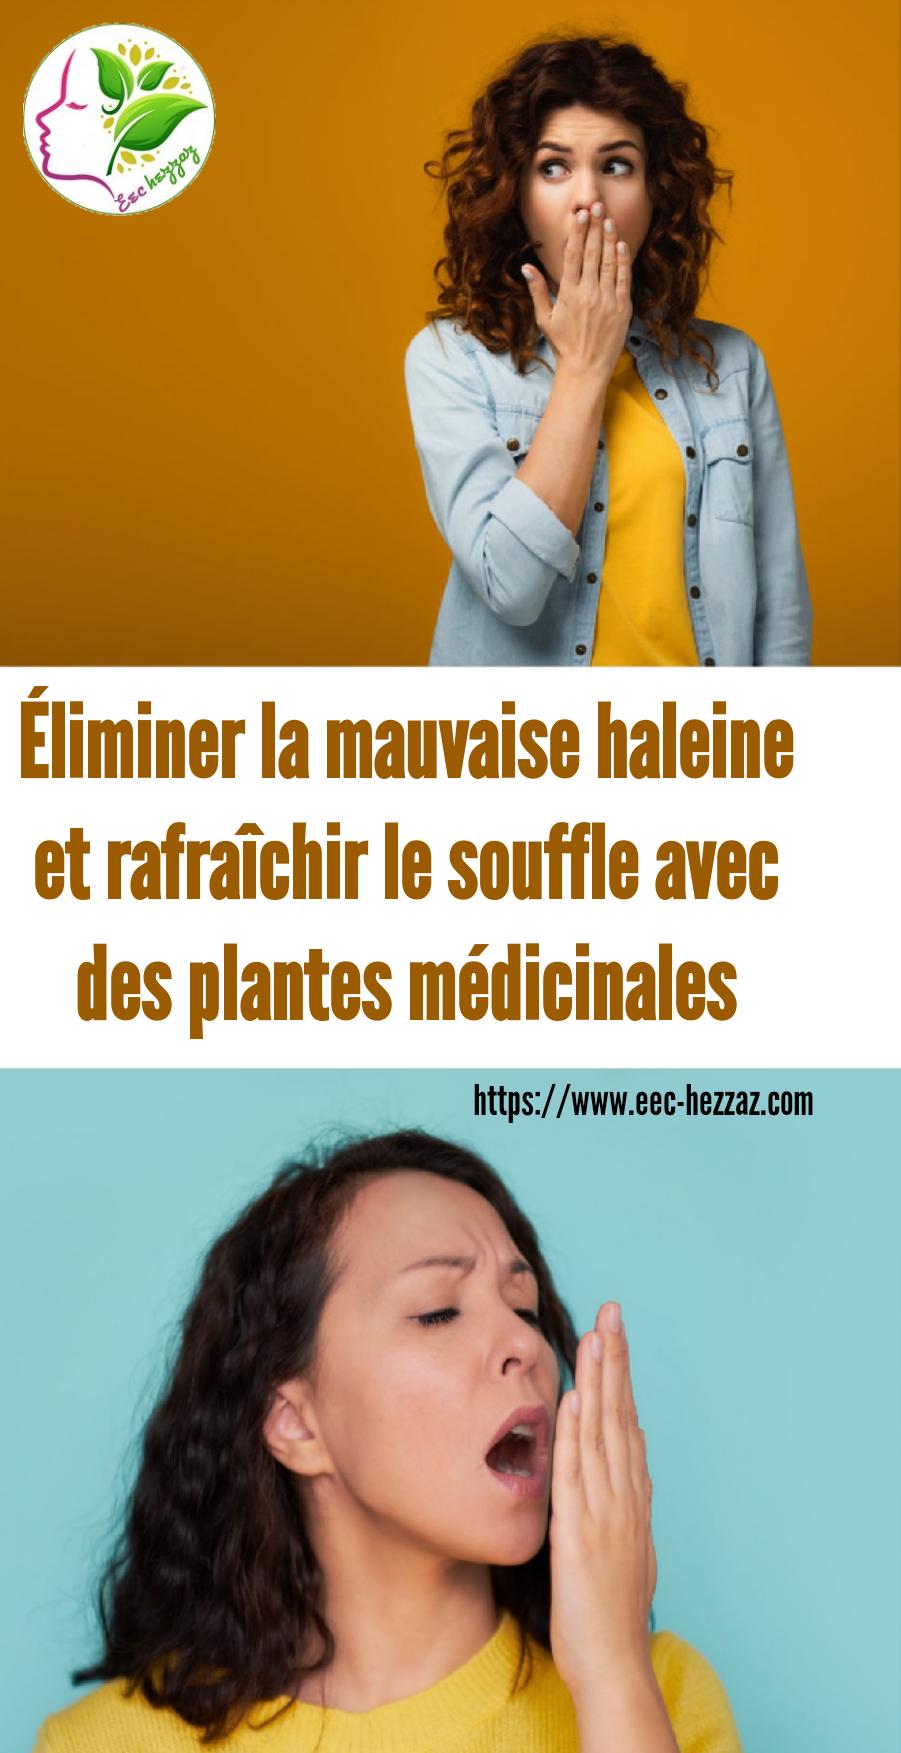 Éliminer la mauvaise haleine et rafraîchir le souffle avec  des plantes médicinales